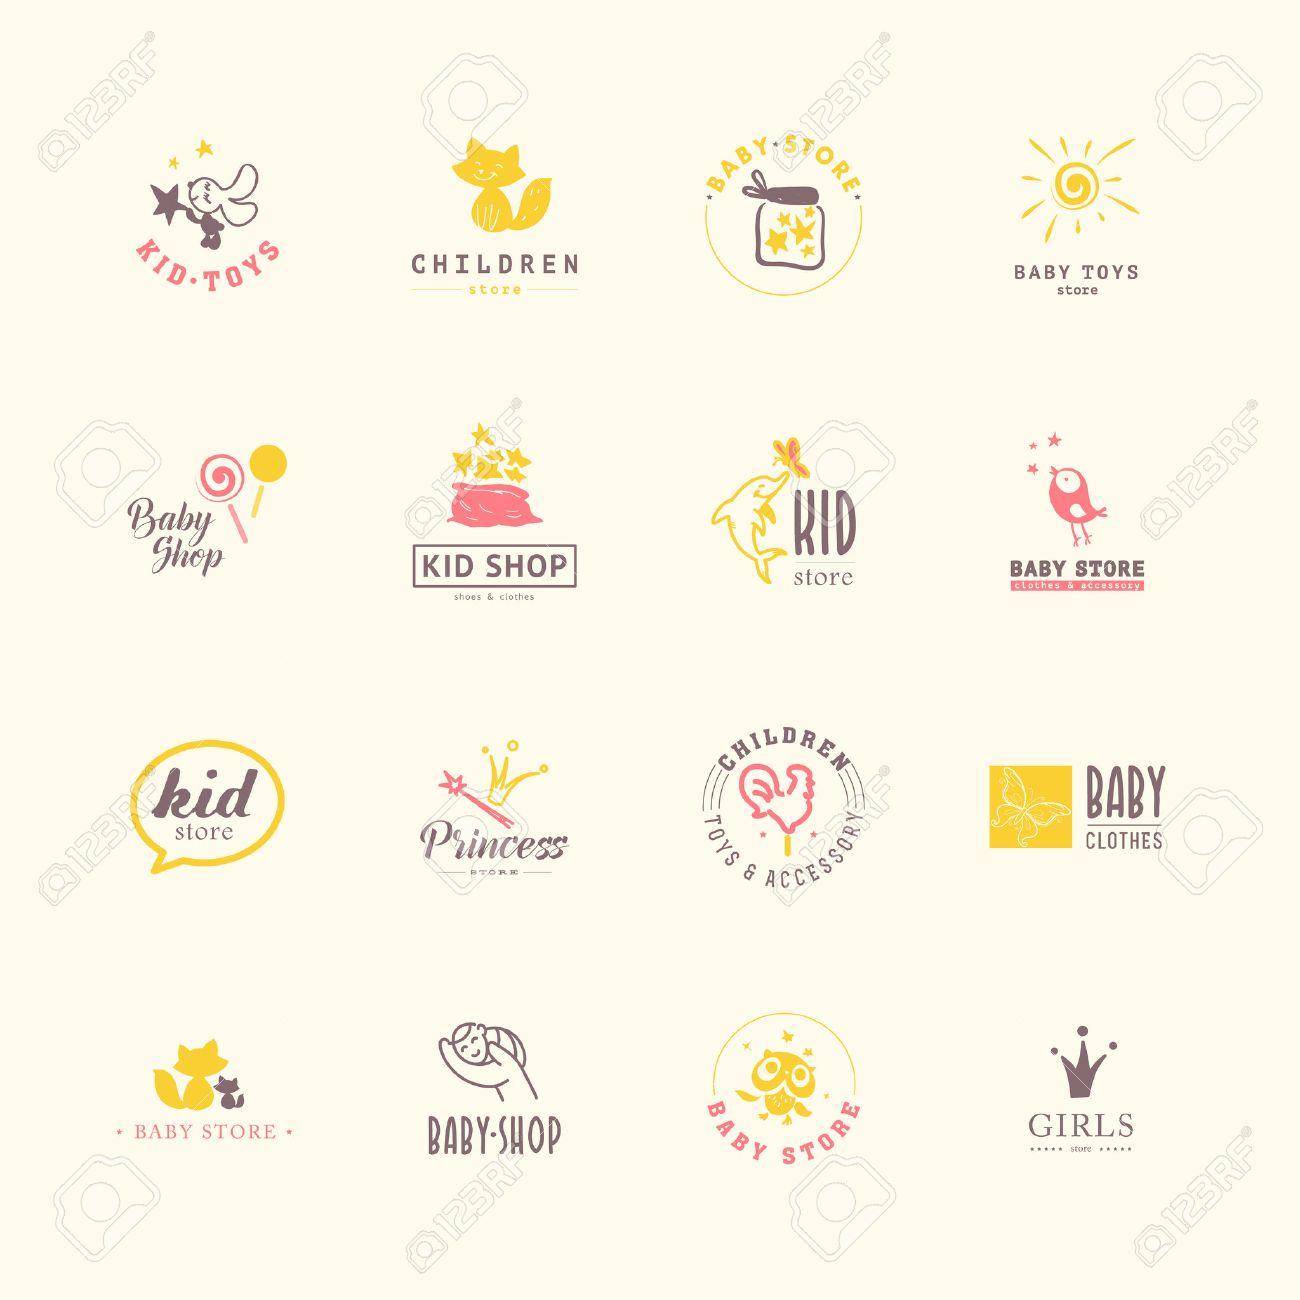 da716551529d2 Banque d images - Collection Vecteur de bébé logo. Enfants conception d étiquettes  de mode. Vêtements pour enfants de marque. Bébé et magasin d enfant ...